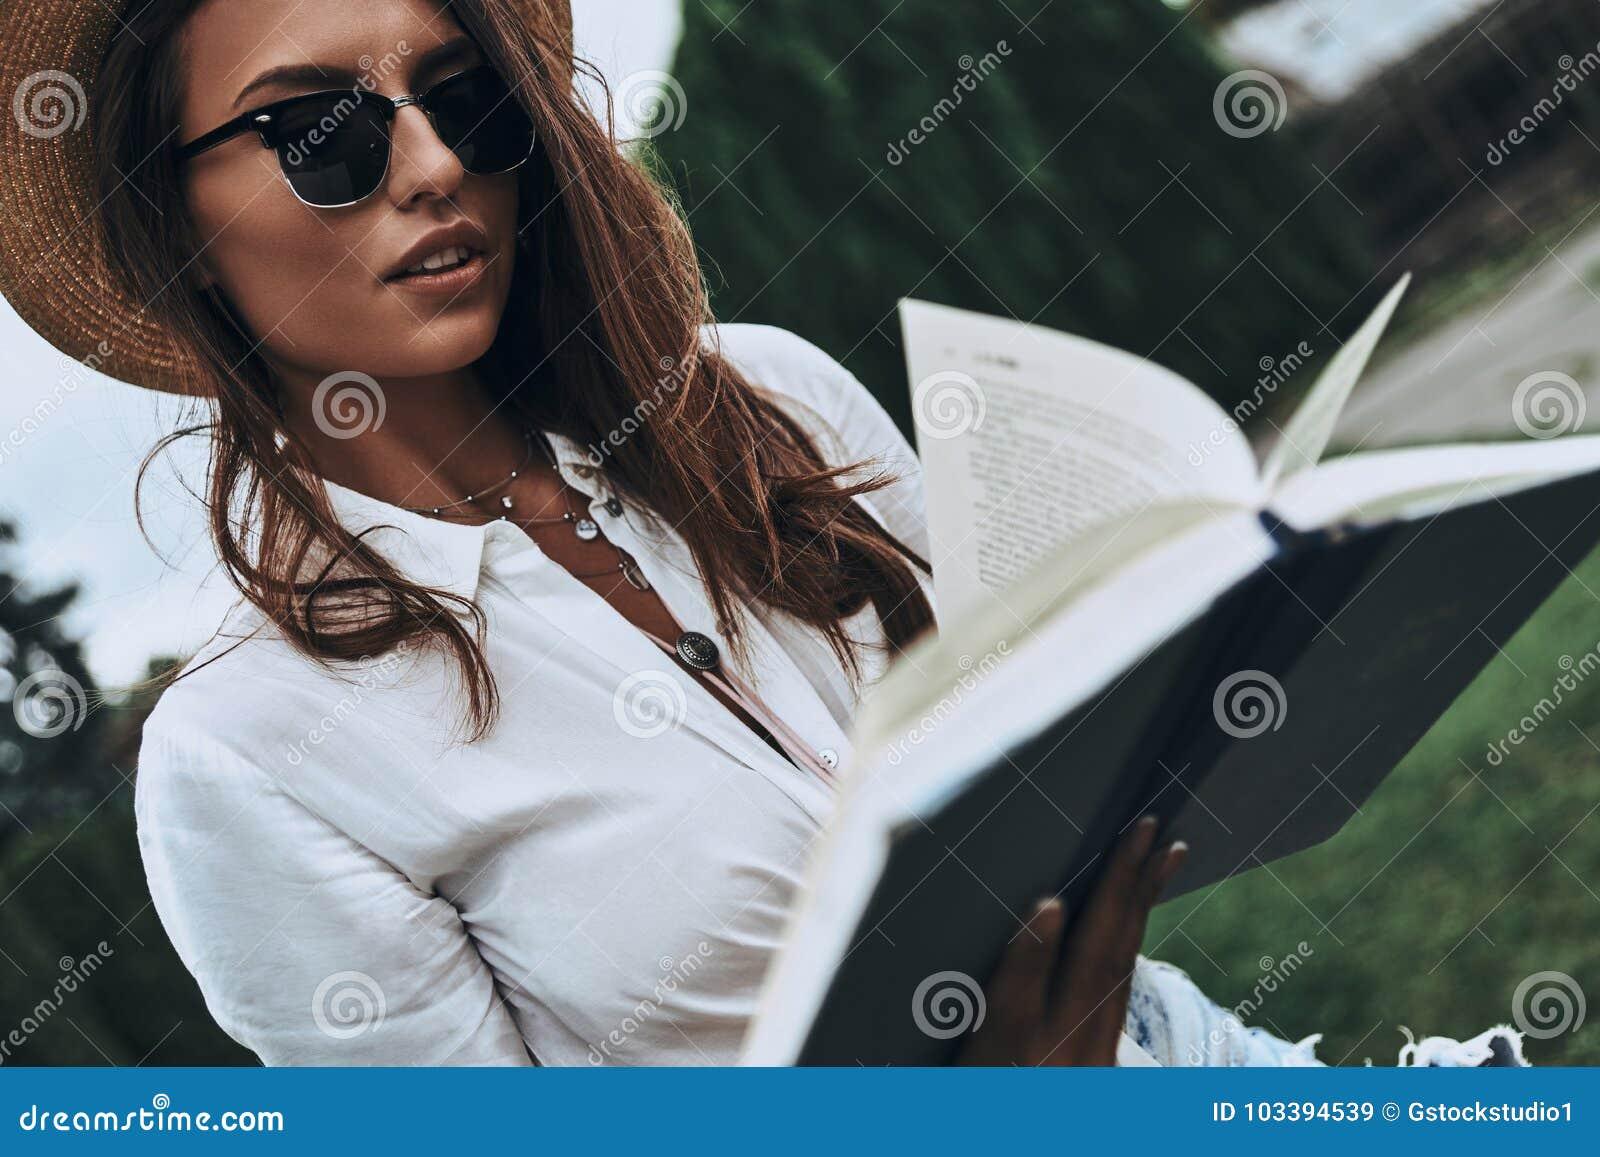 Запальчиво читатель